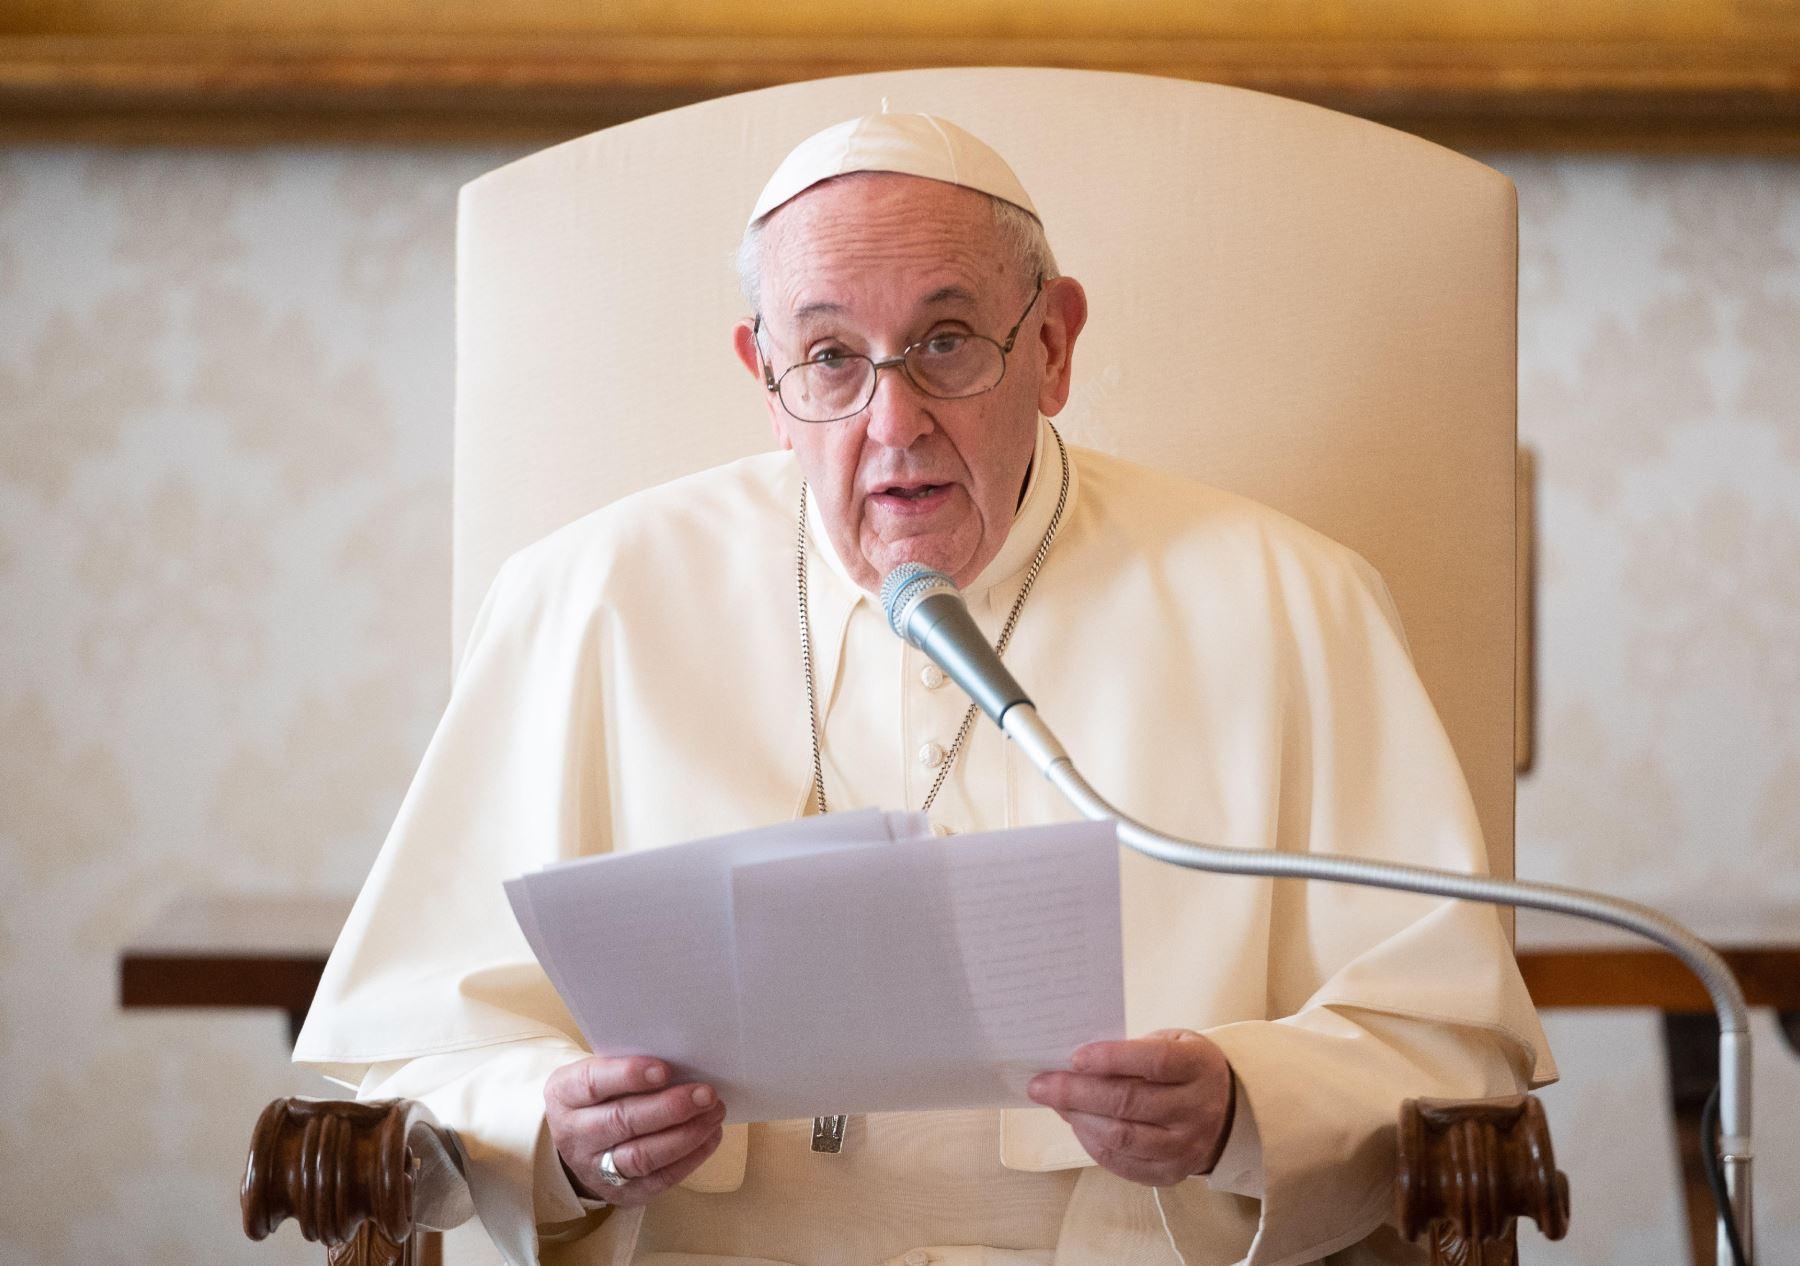 Papa Fracisco pide que se escuche y no defrauden a los jóvenes que piden cambios